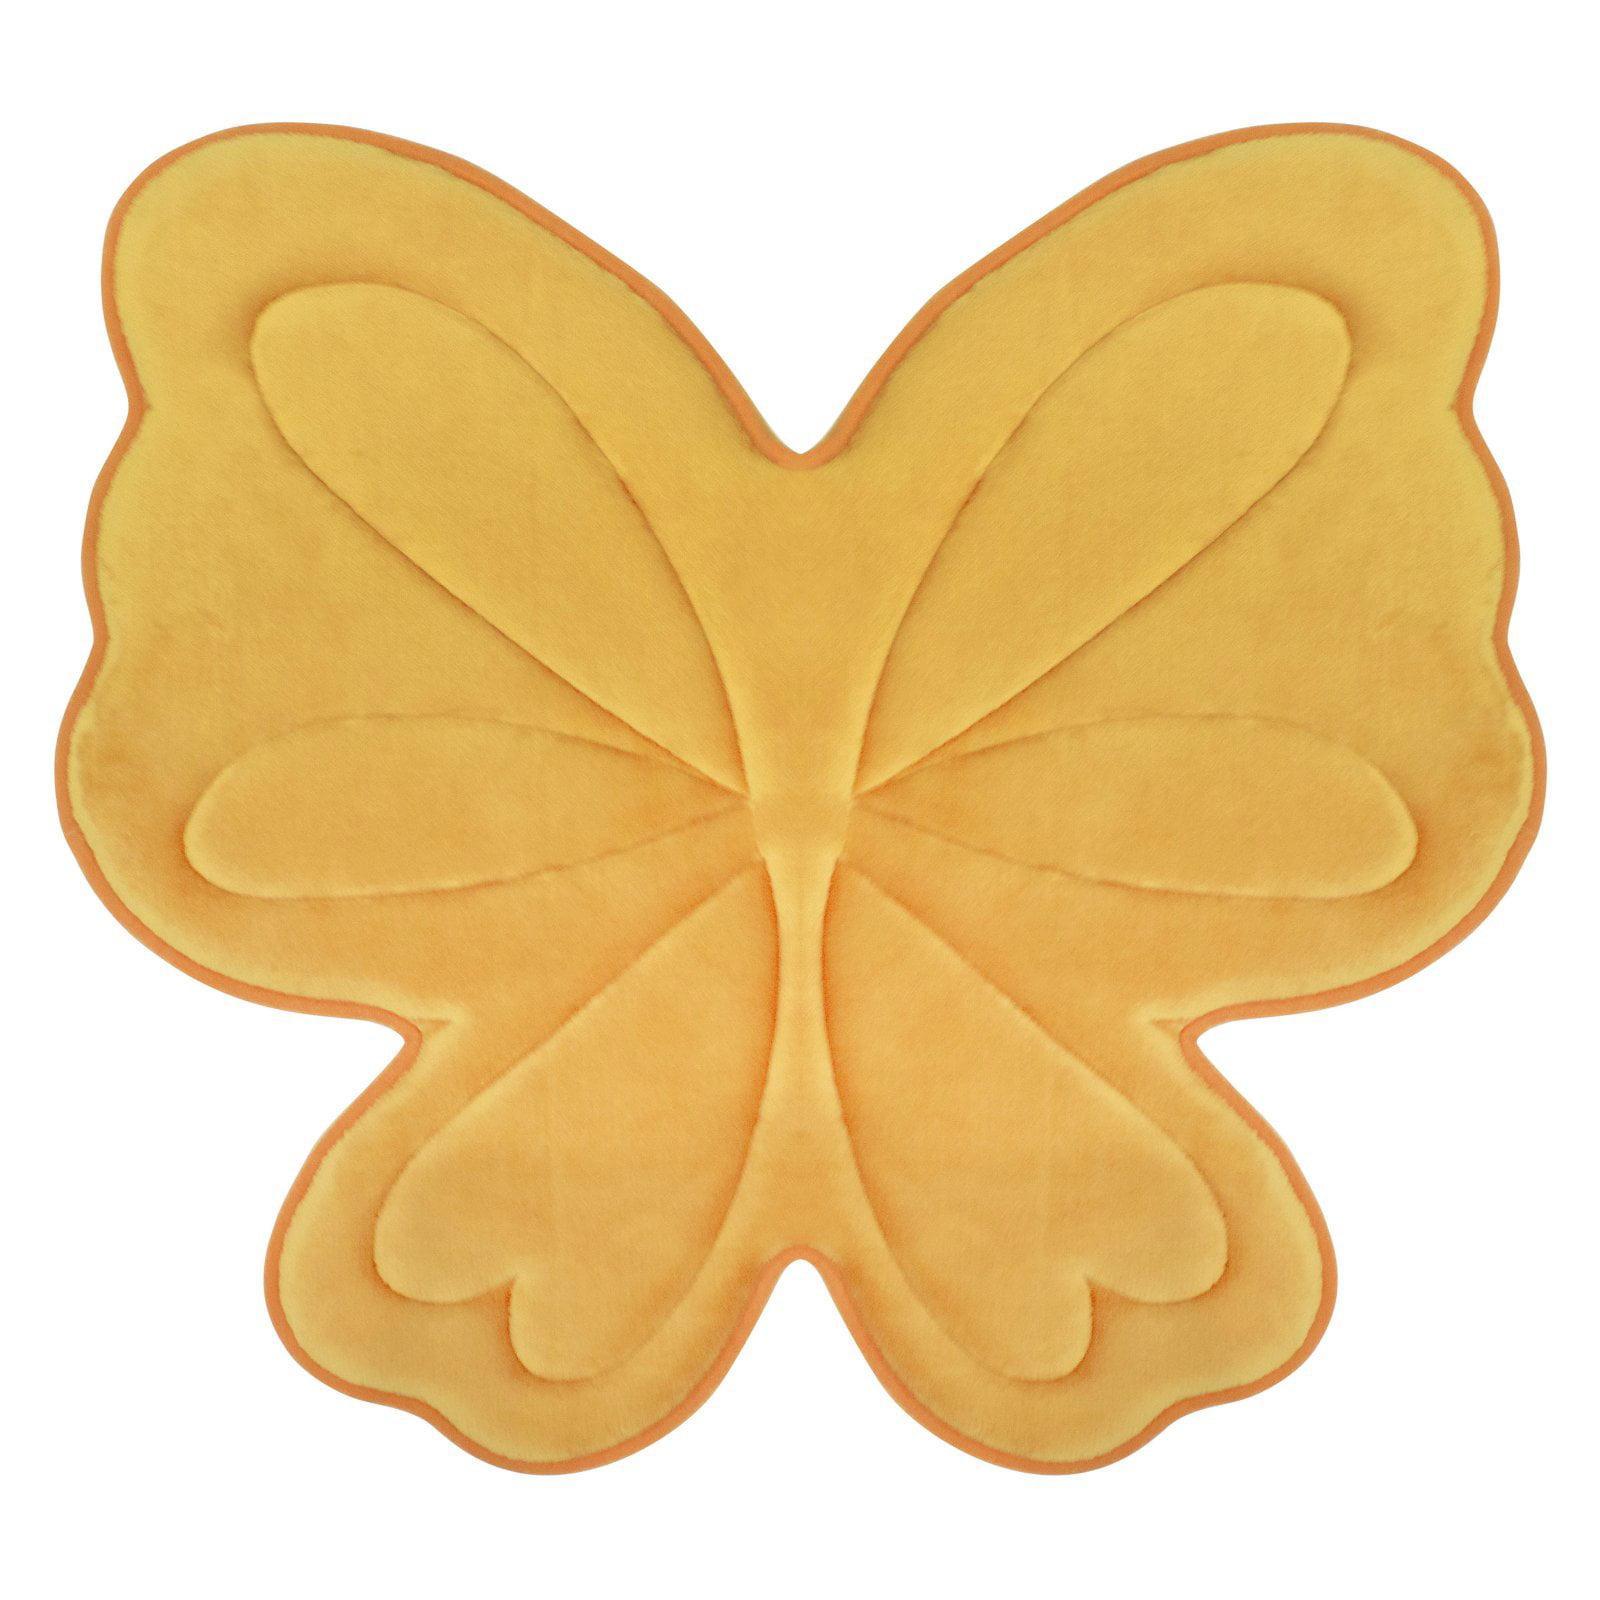 Bounce Comfort Memory Foam Butterfly 30 in. x 30 in. Bath Mat